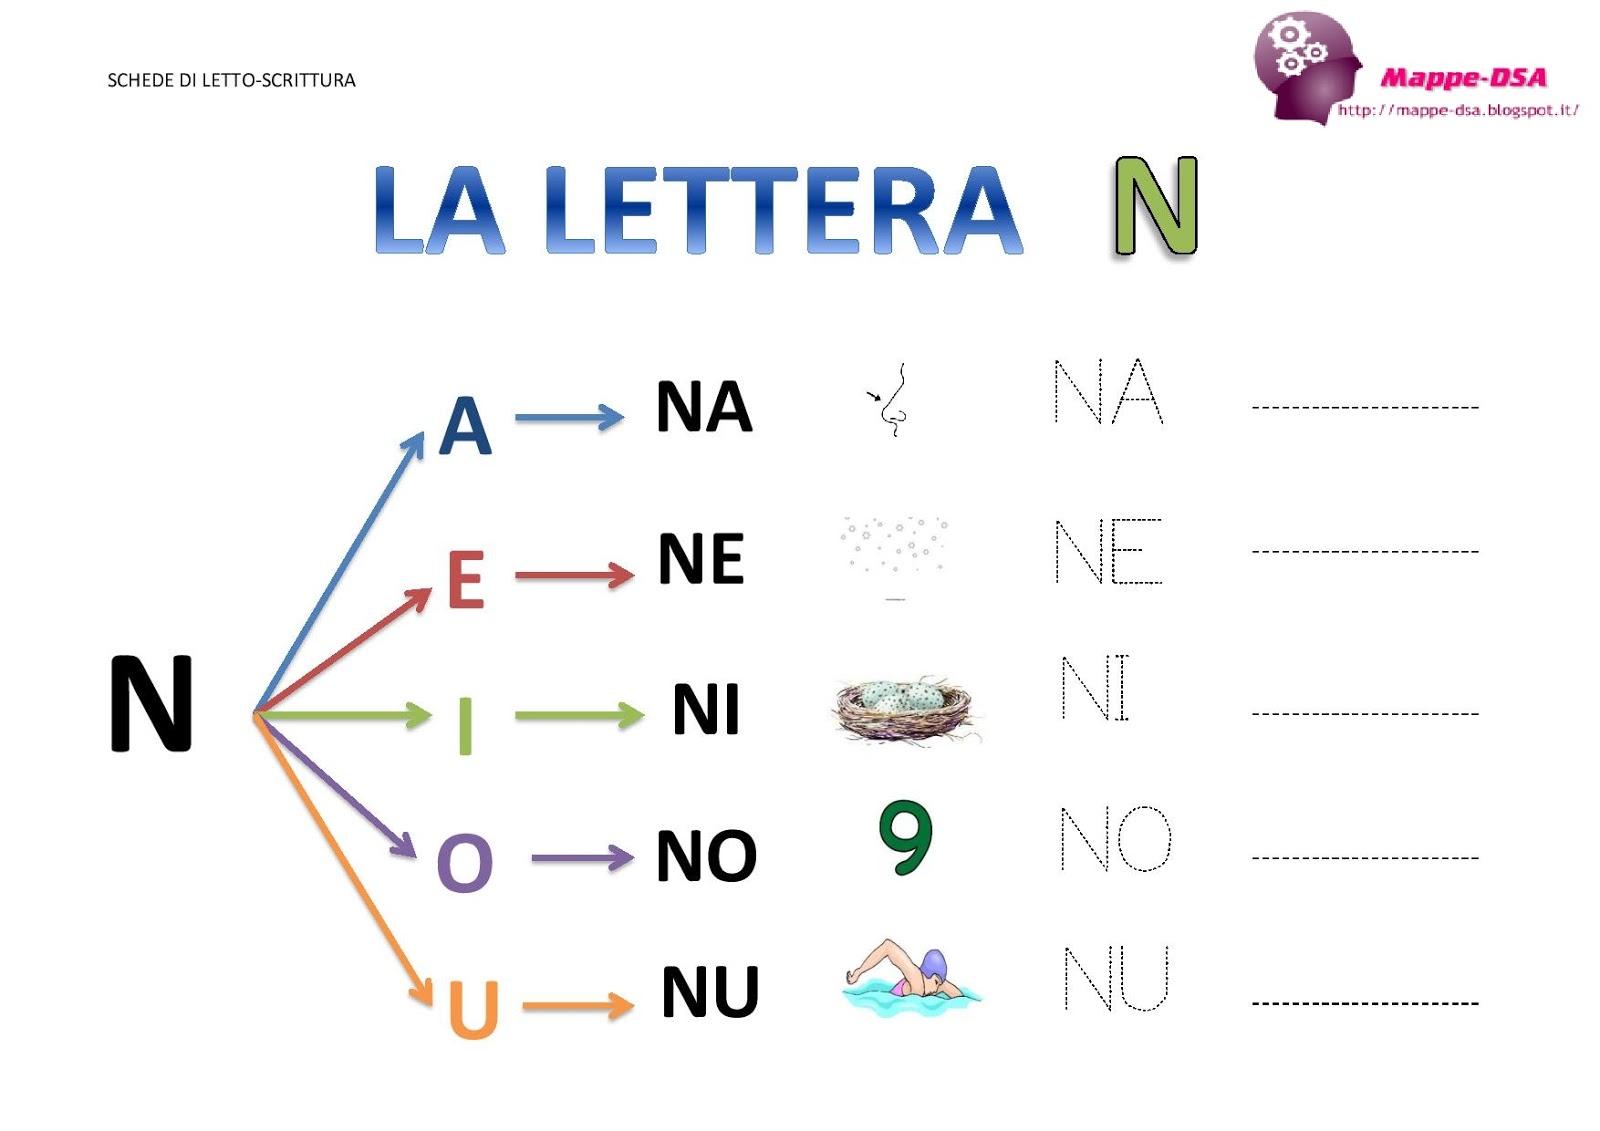 La lettera n e le sue sillabe - Letto scrittura schede ...